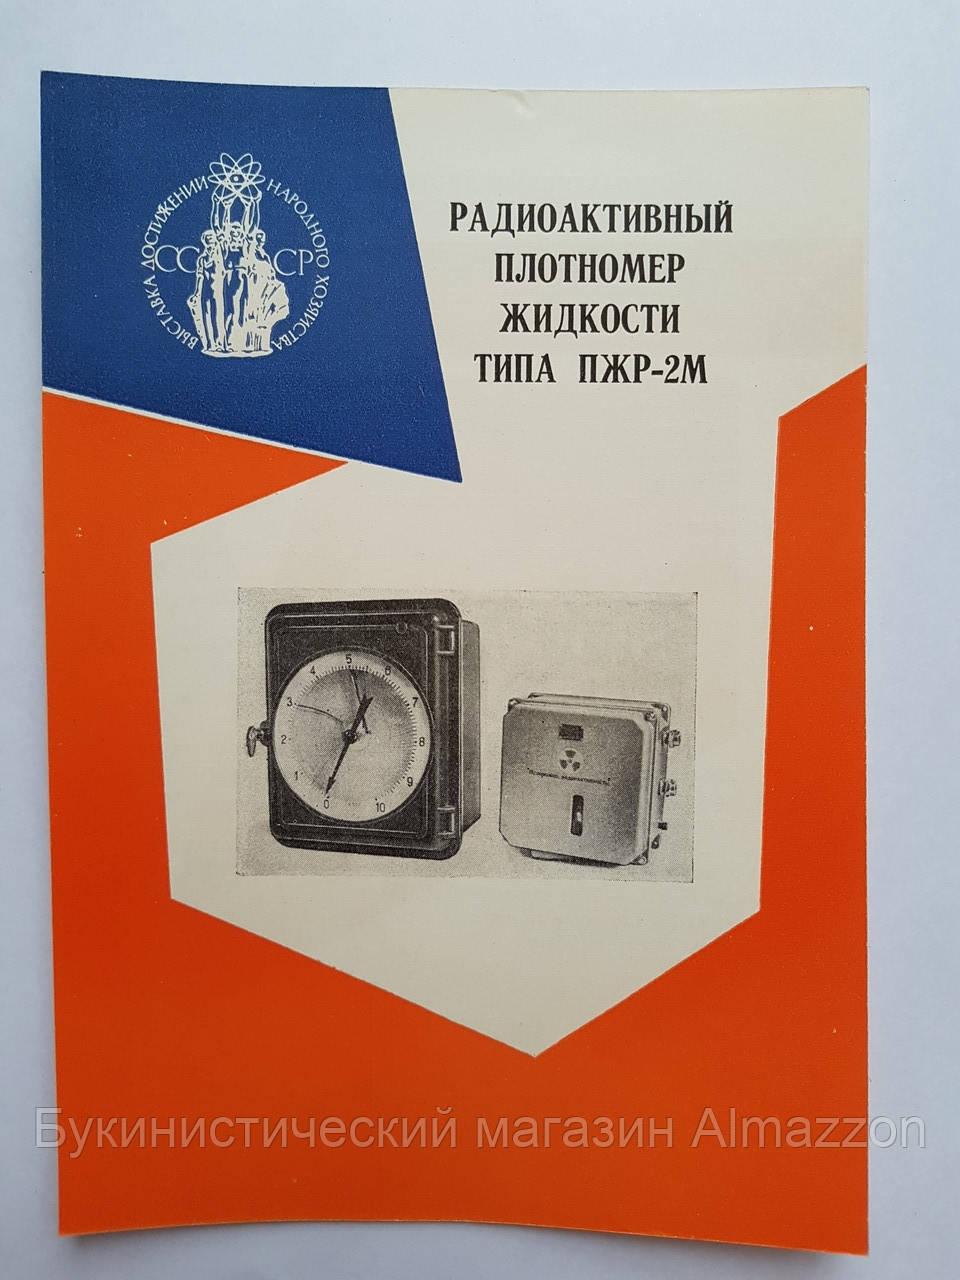 Реклама ВДНХ Радиоактивный плотномер жидкости ПЖР-2М